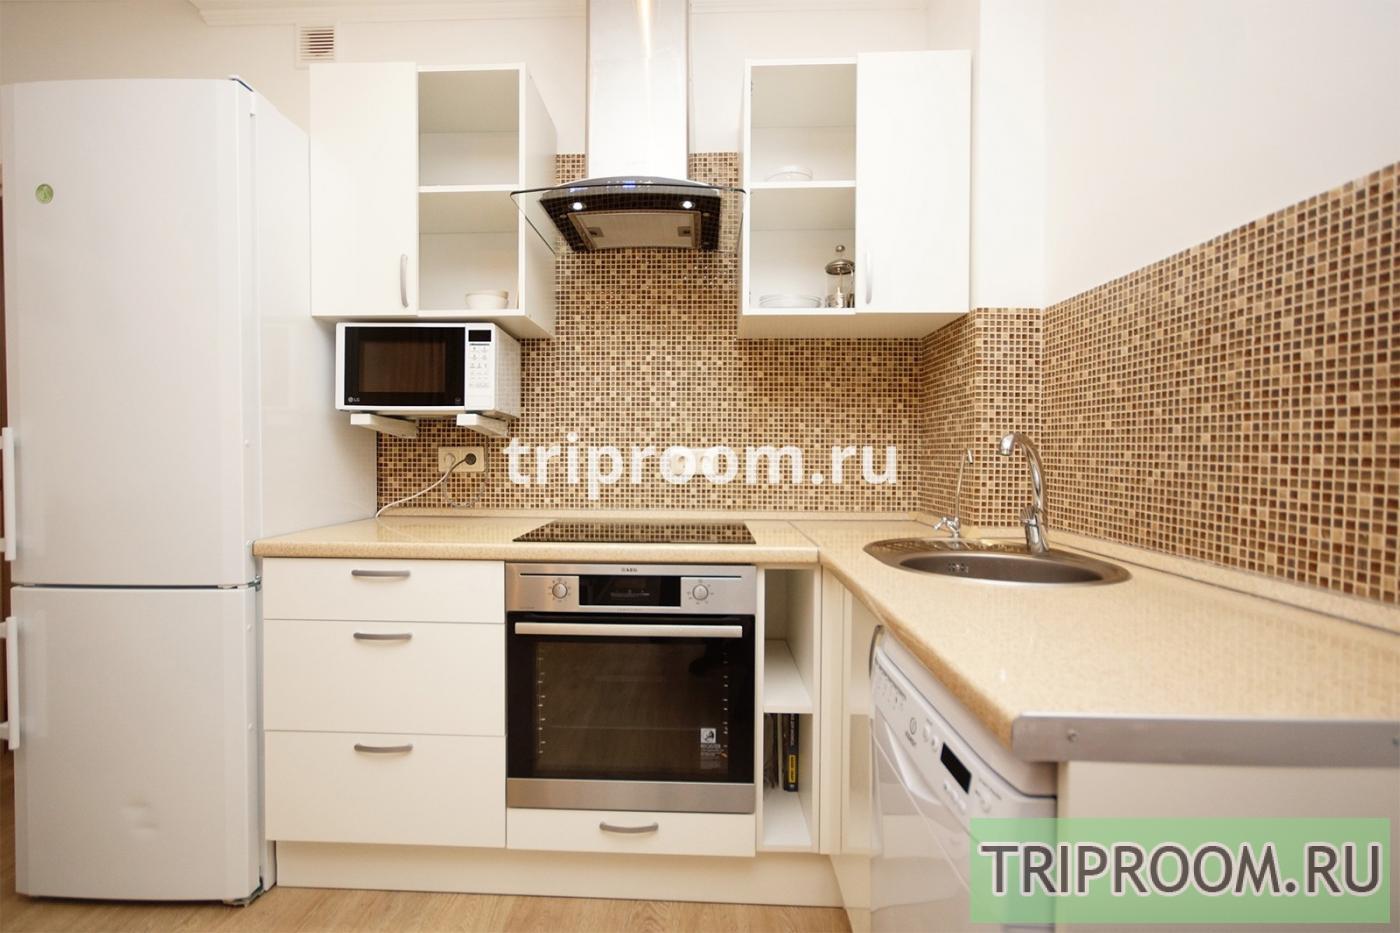 1-комнатная квартира посуточно (вариант № 17278), ул. Полтавский проезд, фото № 5